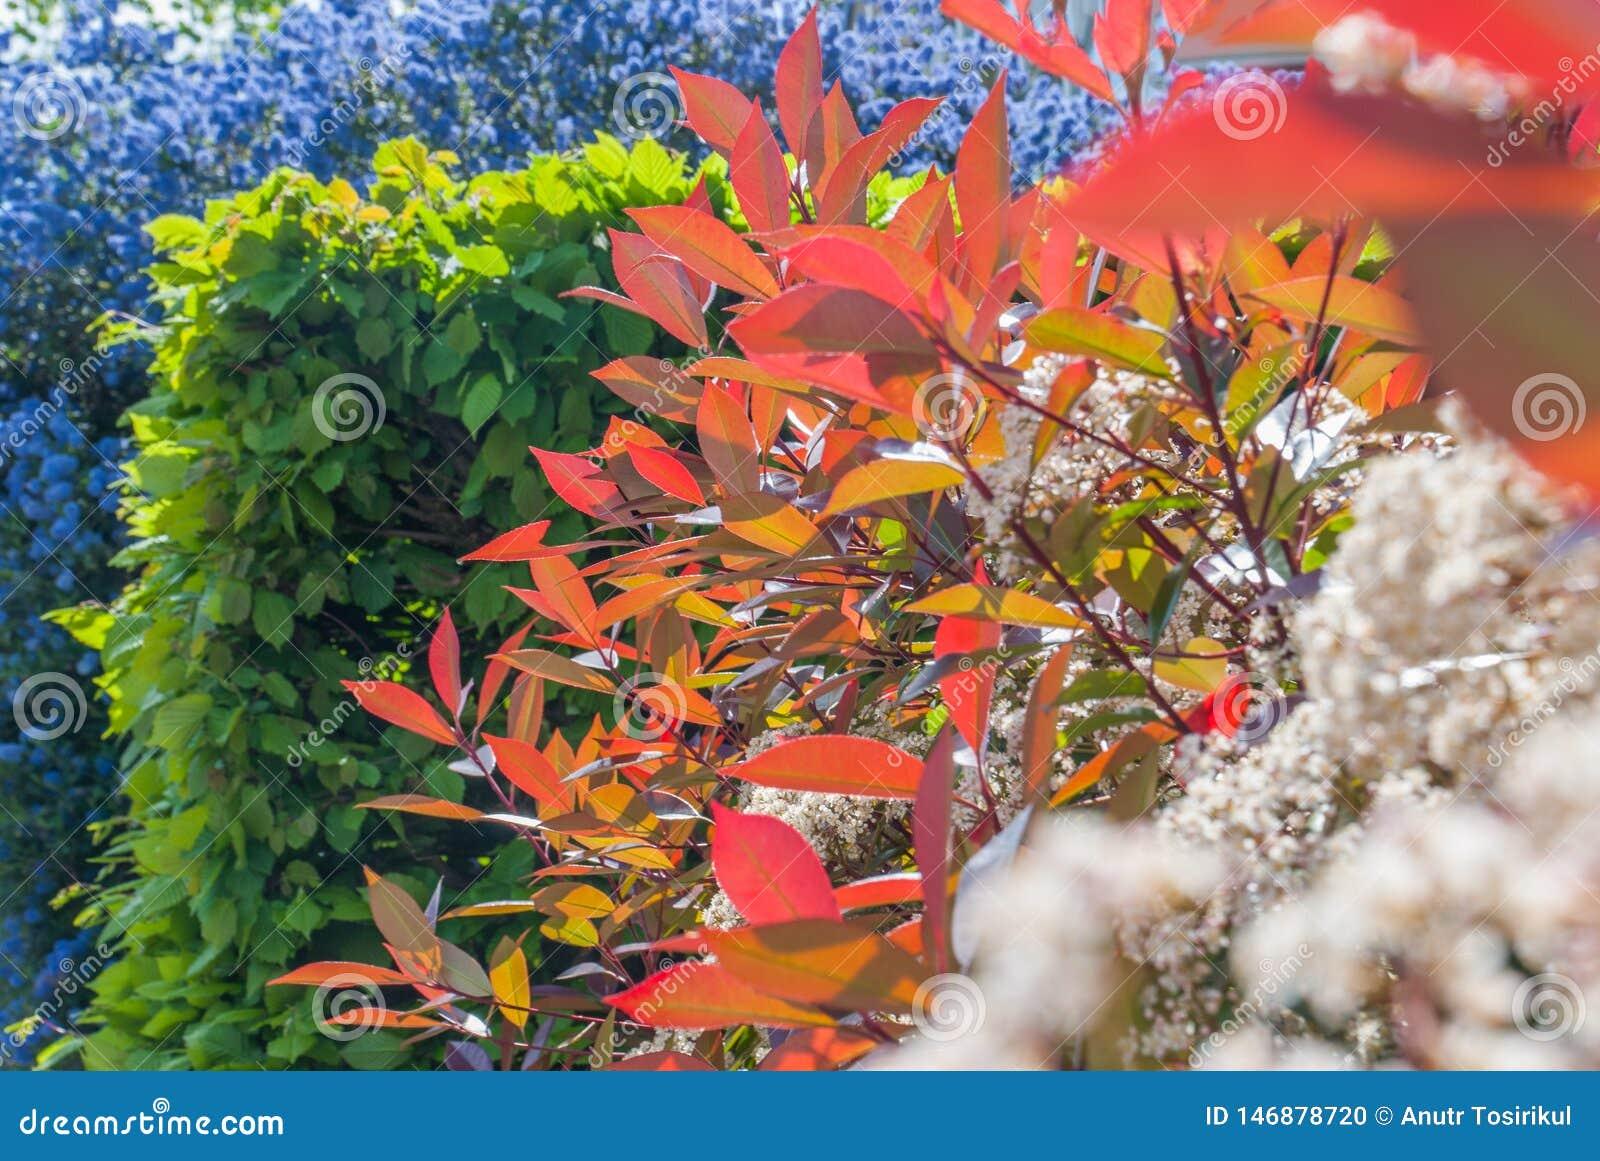 Kleurrijke bladeren in Isabella Plantation Suitable voor het maken van achtergrondafbeeldingen